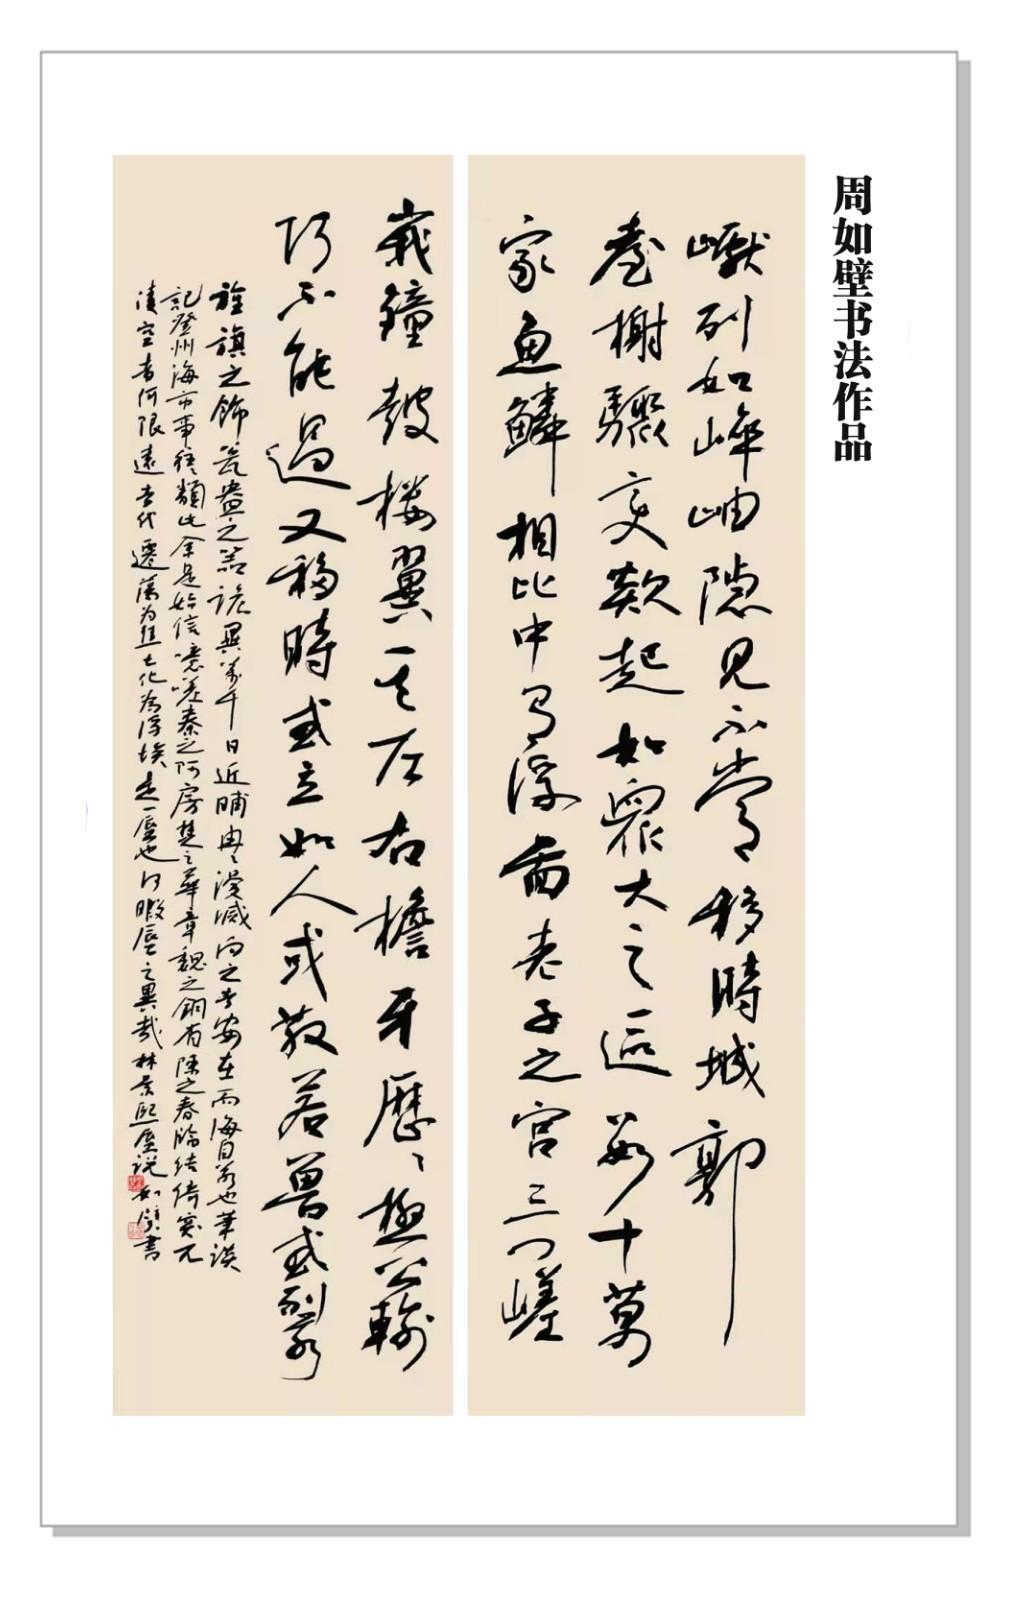 万里江山颂--漠墨园艺术系列活动(第二集)_图1-4